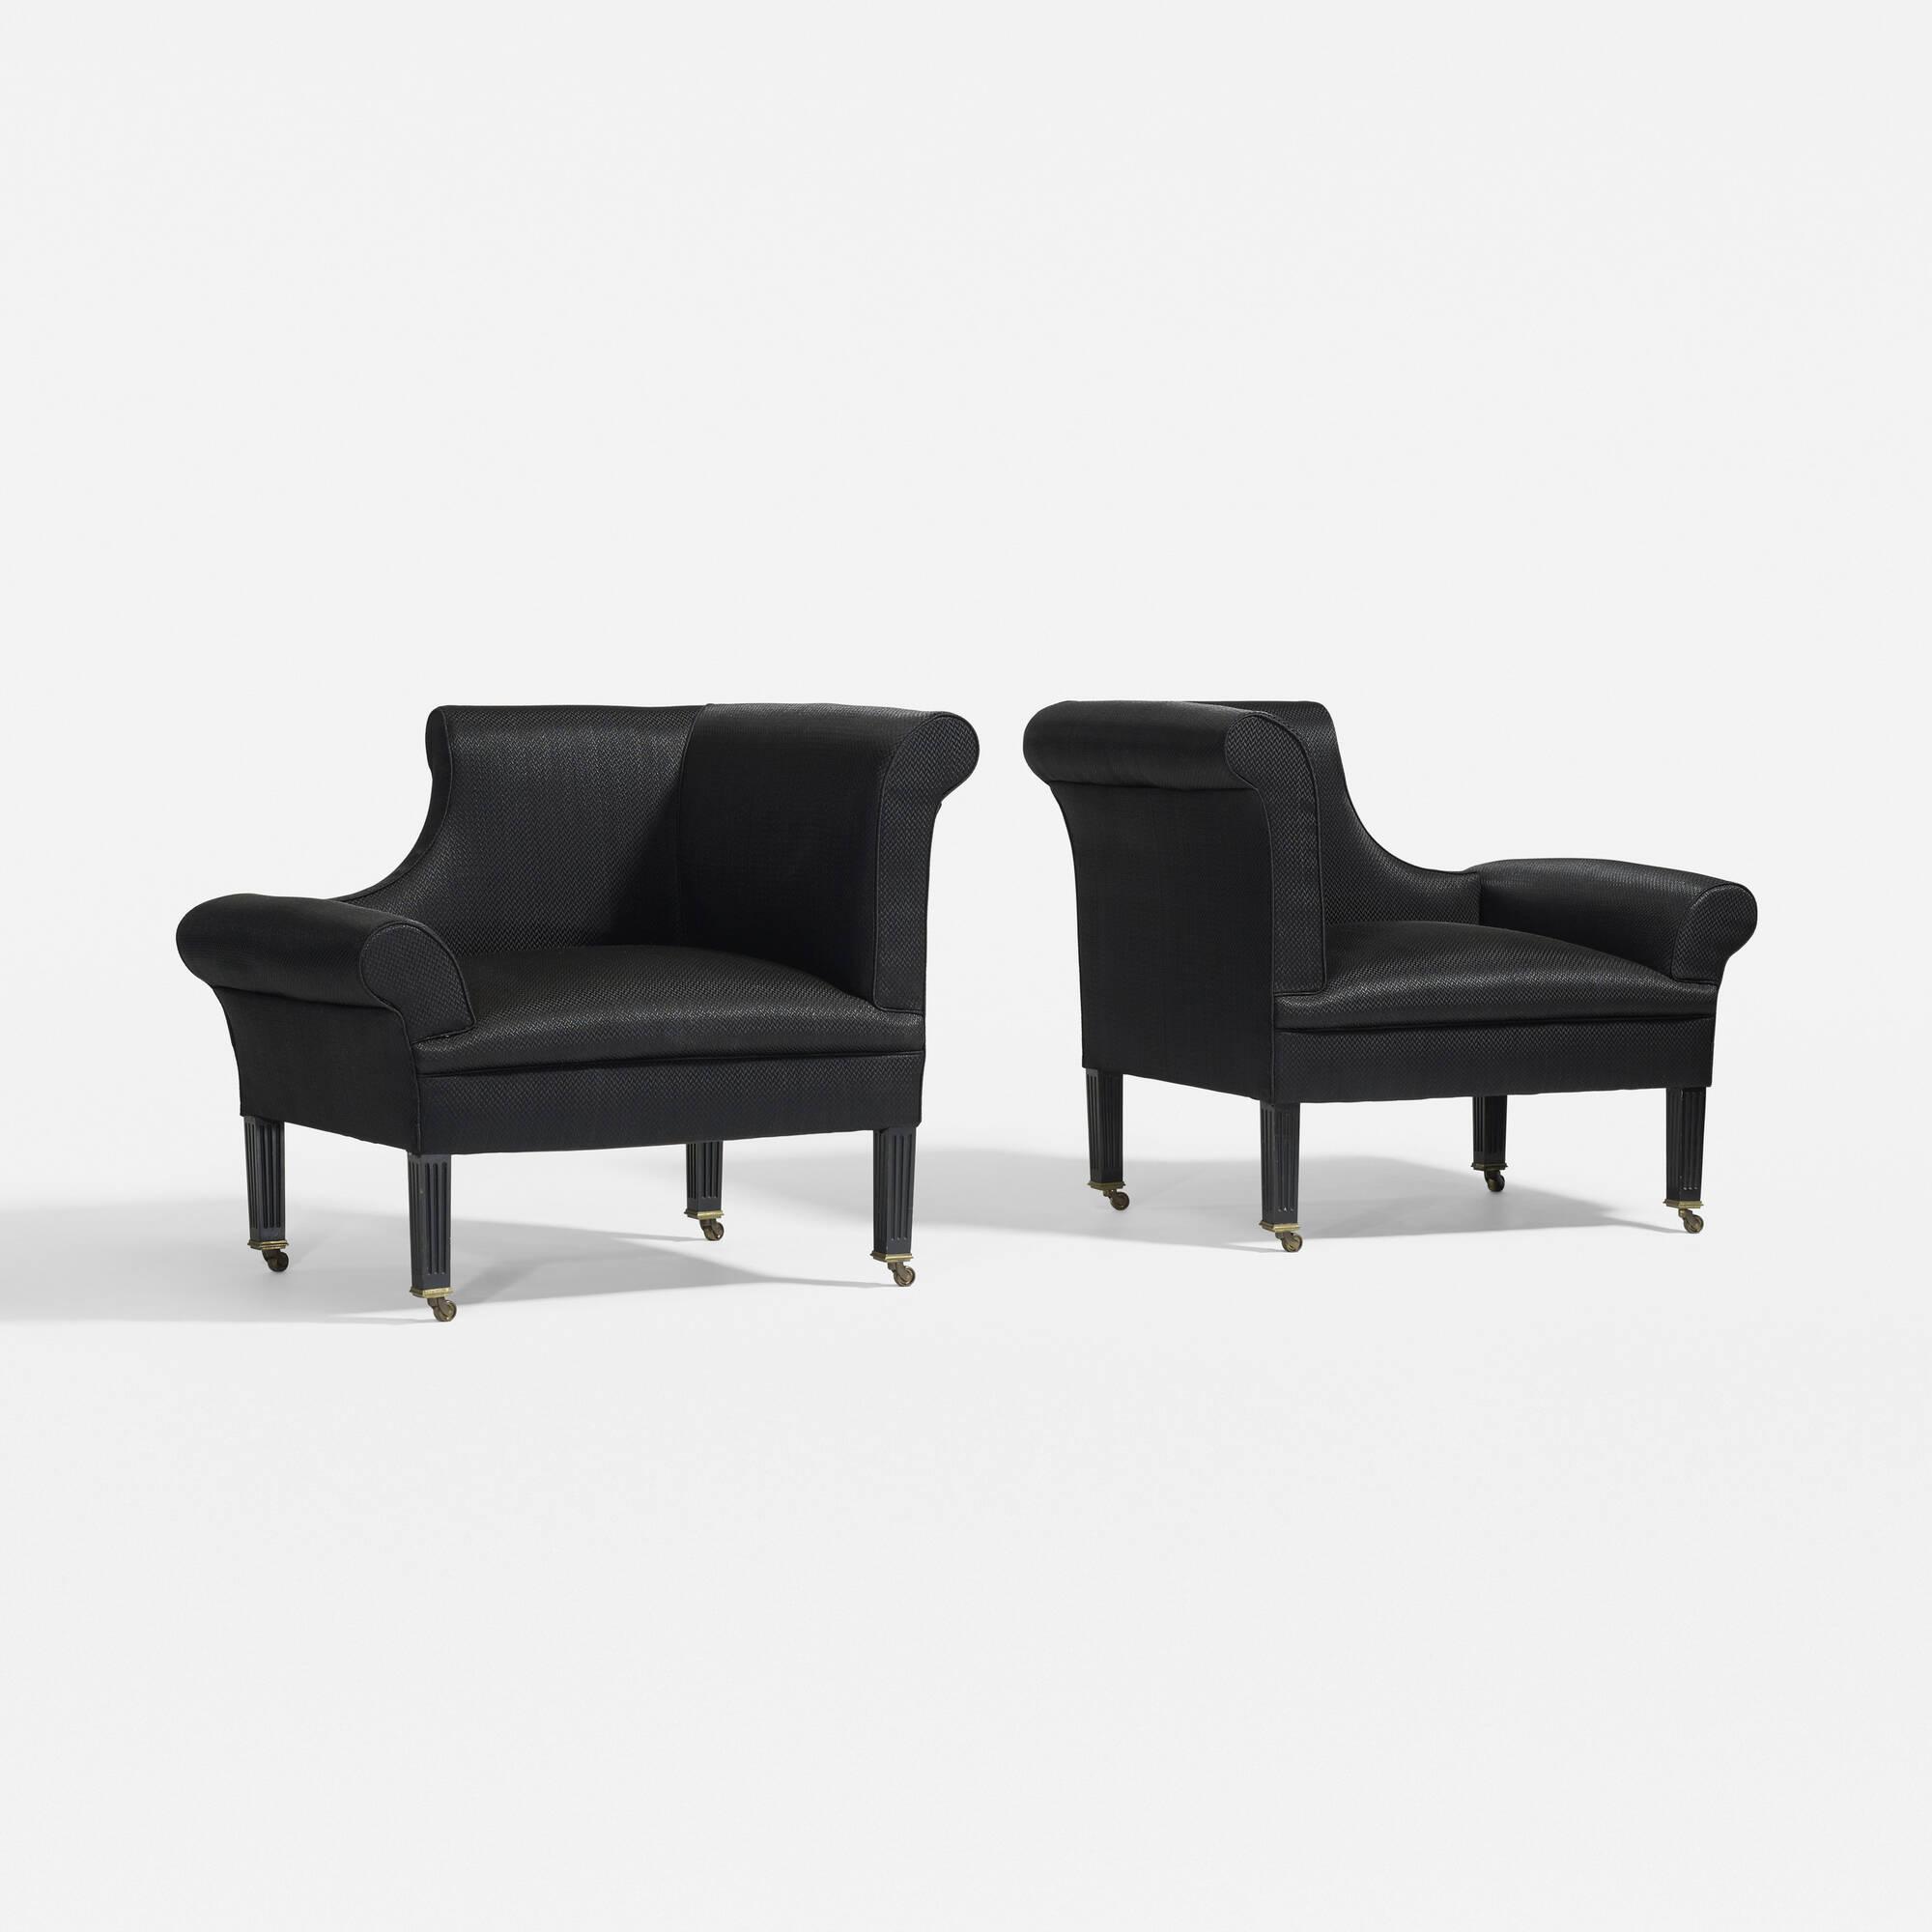 319: Sir Edwin Lutyens / Napoleon chairs, pair (2 of 3)